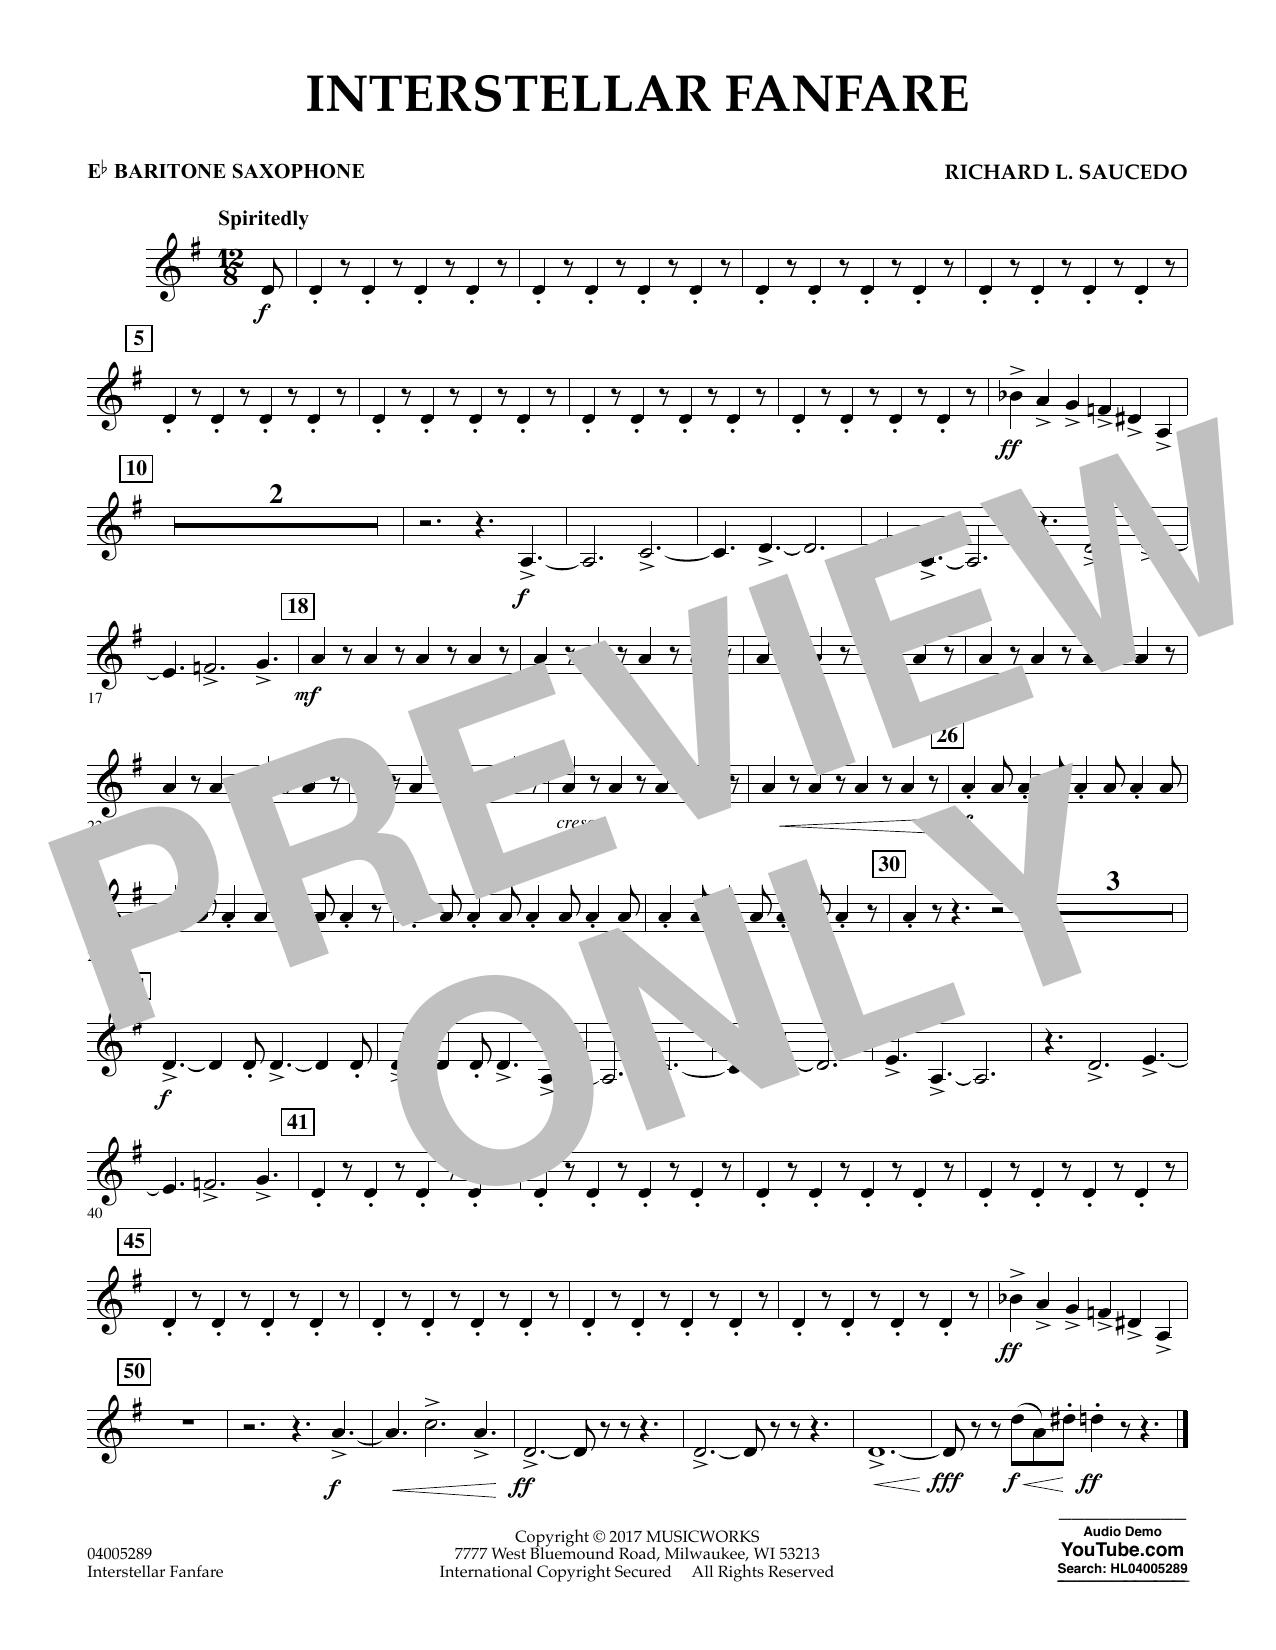 Richard L. Saucedo Interstellar Fanfare - Eb Baritone Saxophone sheet music notes printable PDF score